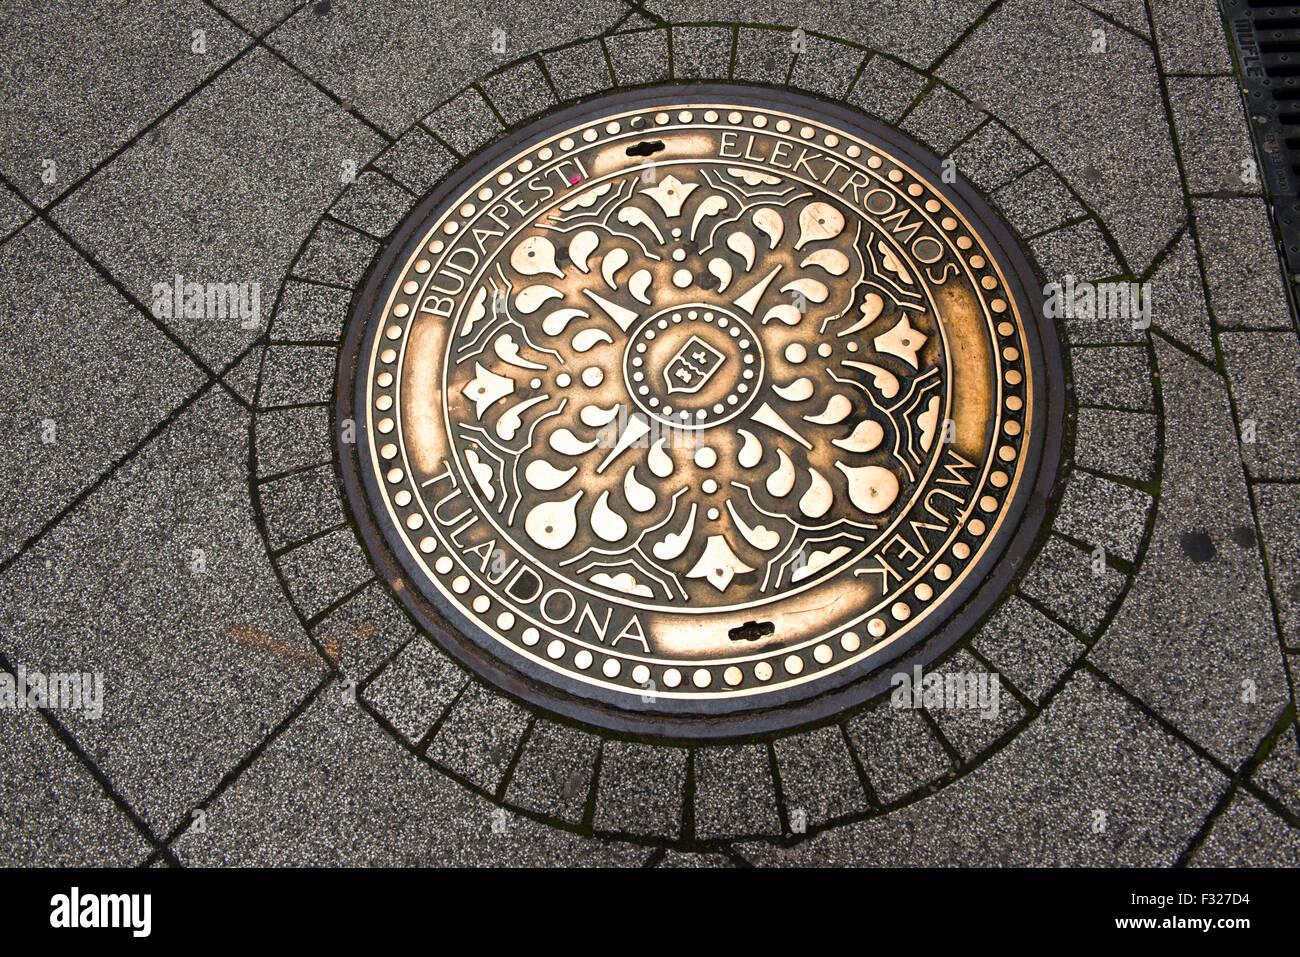 Budapest Manhole Cover, Hungary - Stock Image